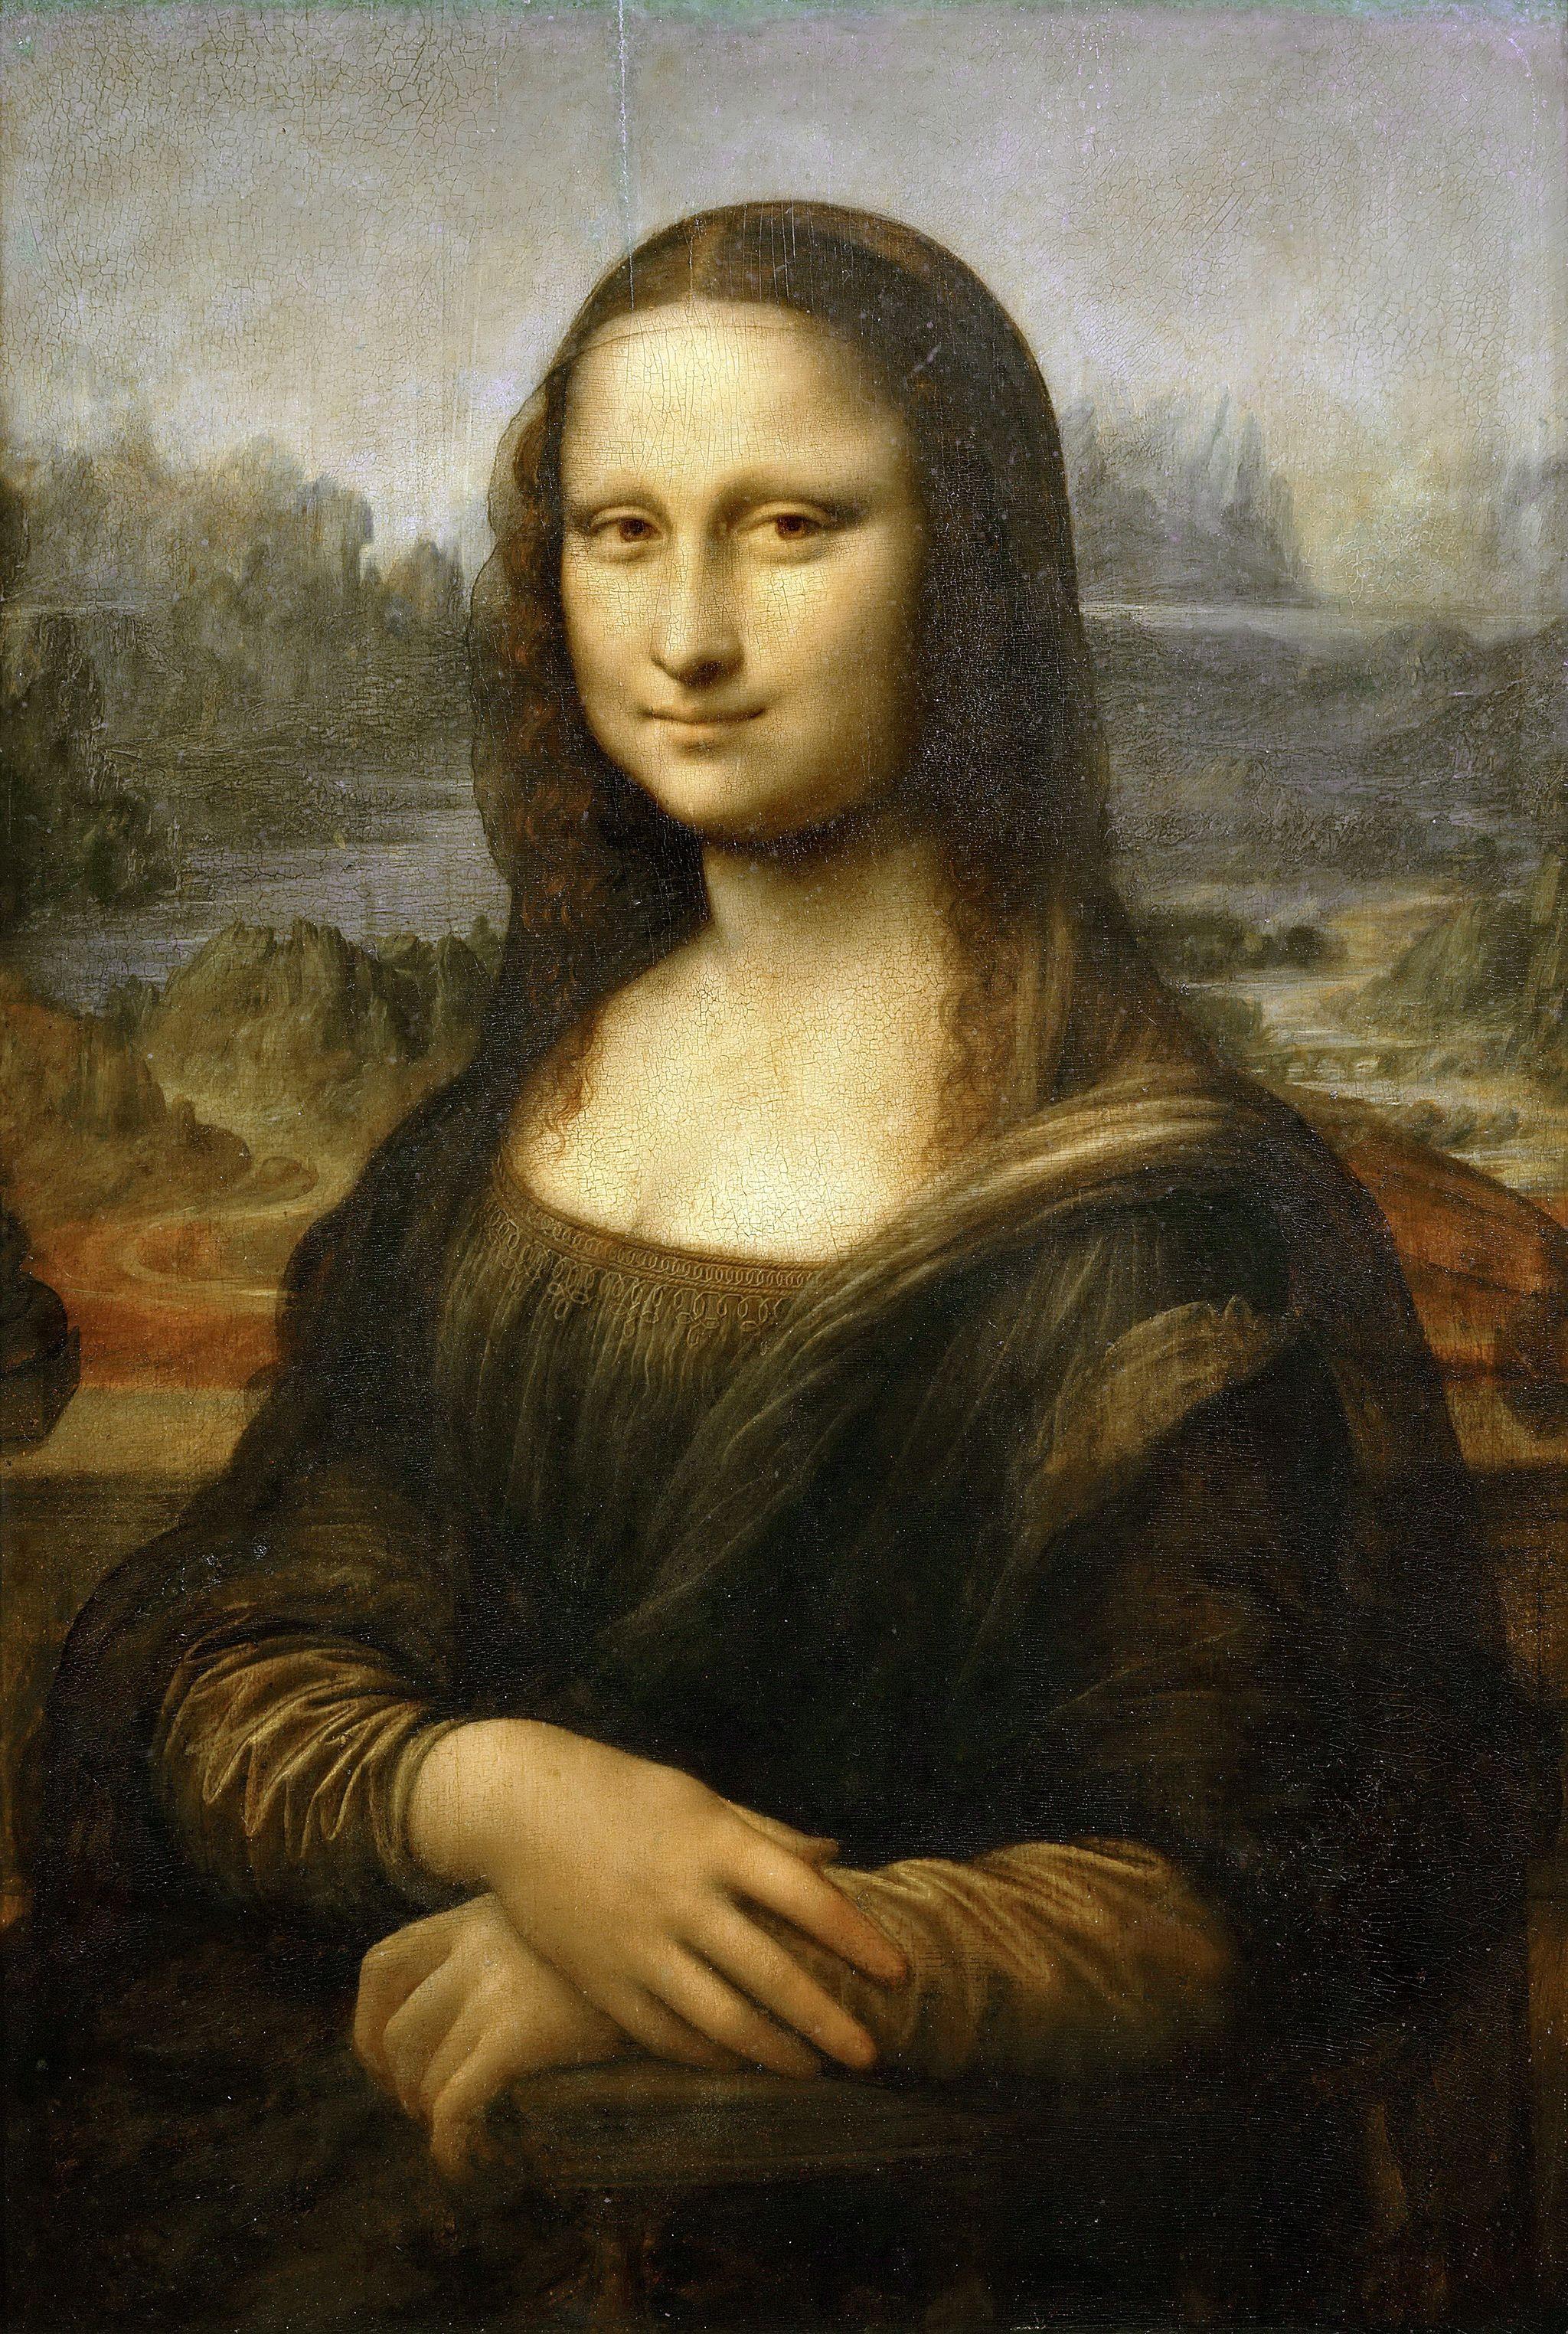 Leonardo da Vinci, Mona Lisa, La Gioconda